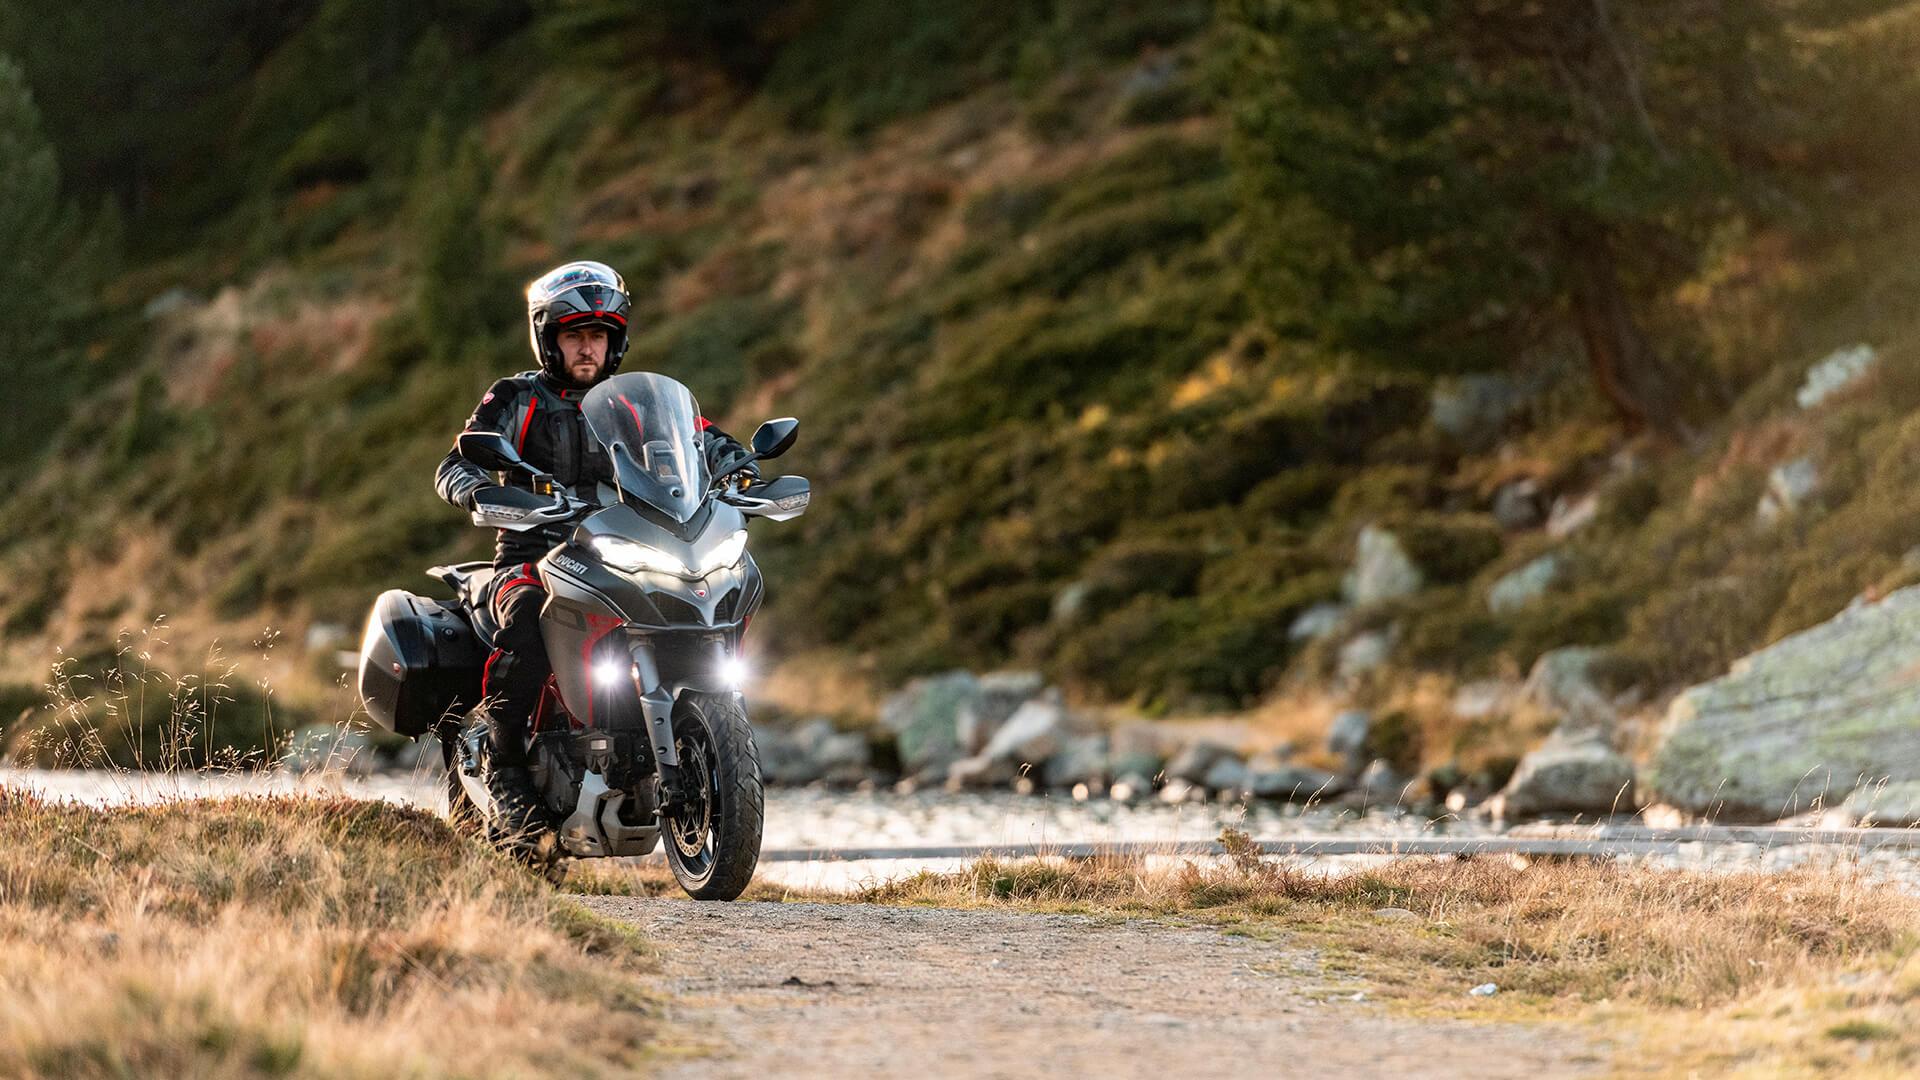 Οδηγός σε μοτοσυκλέτα Ducati - Multistrada 1260 S GRAND TOUR